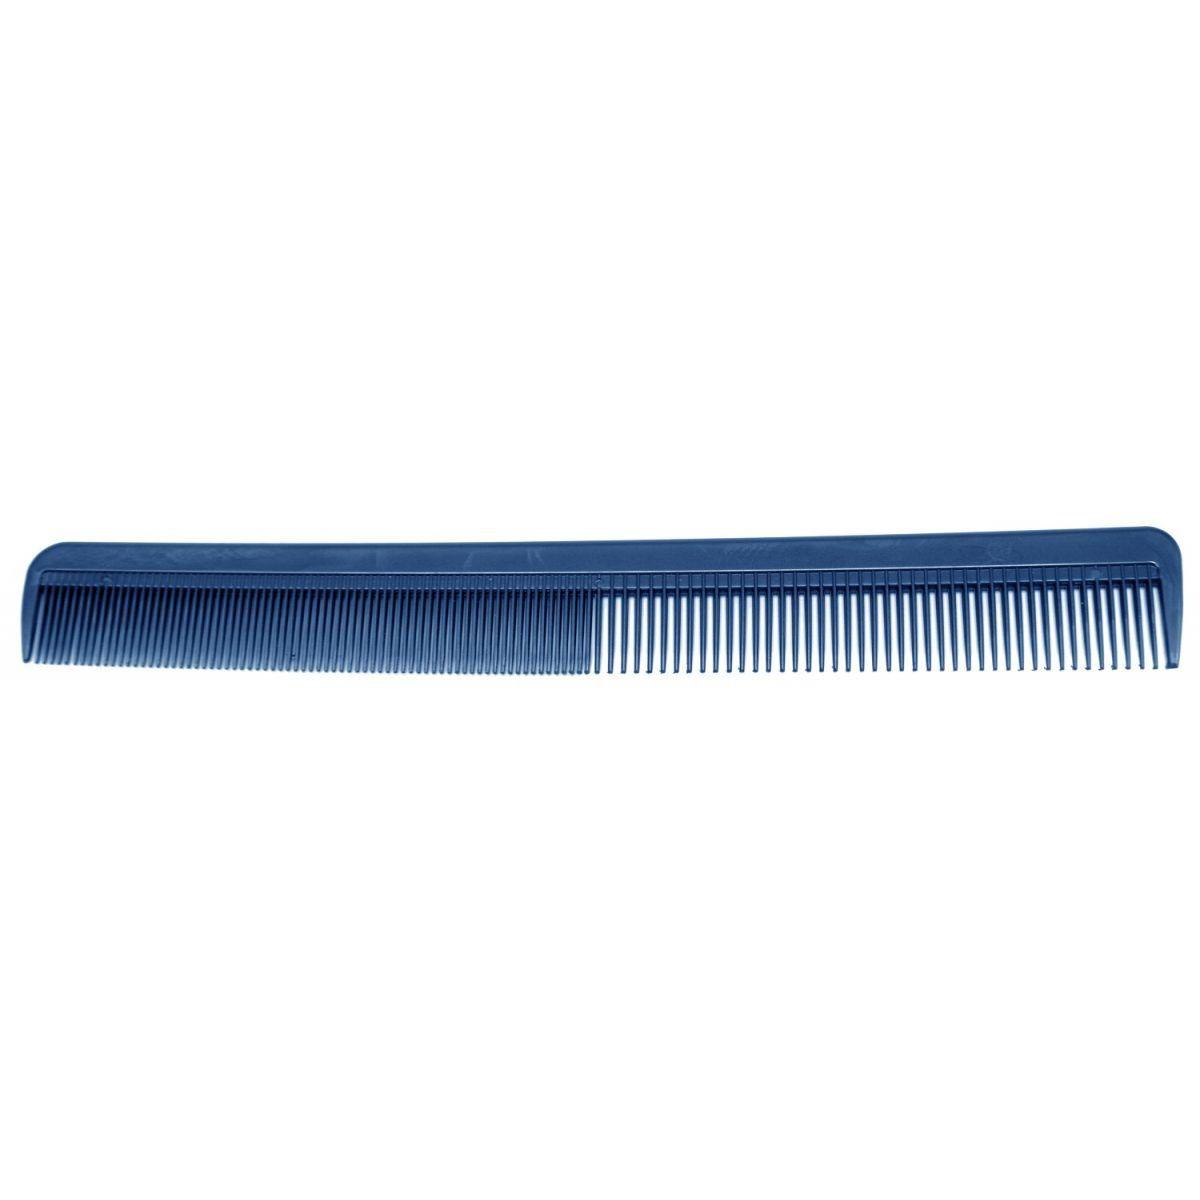 Pente Plástico Para Corte Longo Modelo Comare Suporta 180º - 01 Ou 12 Unidades